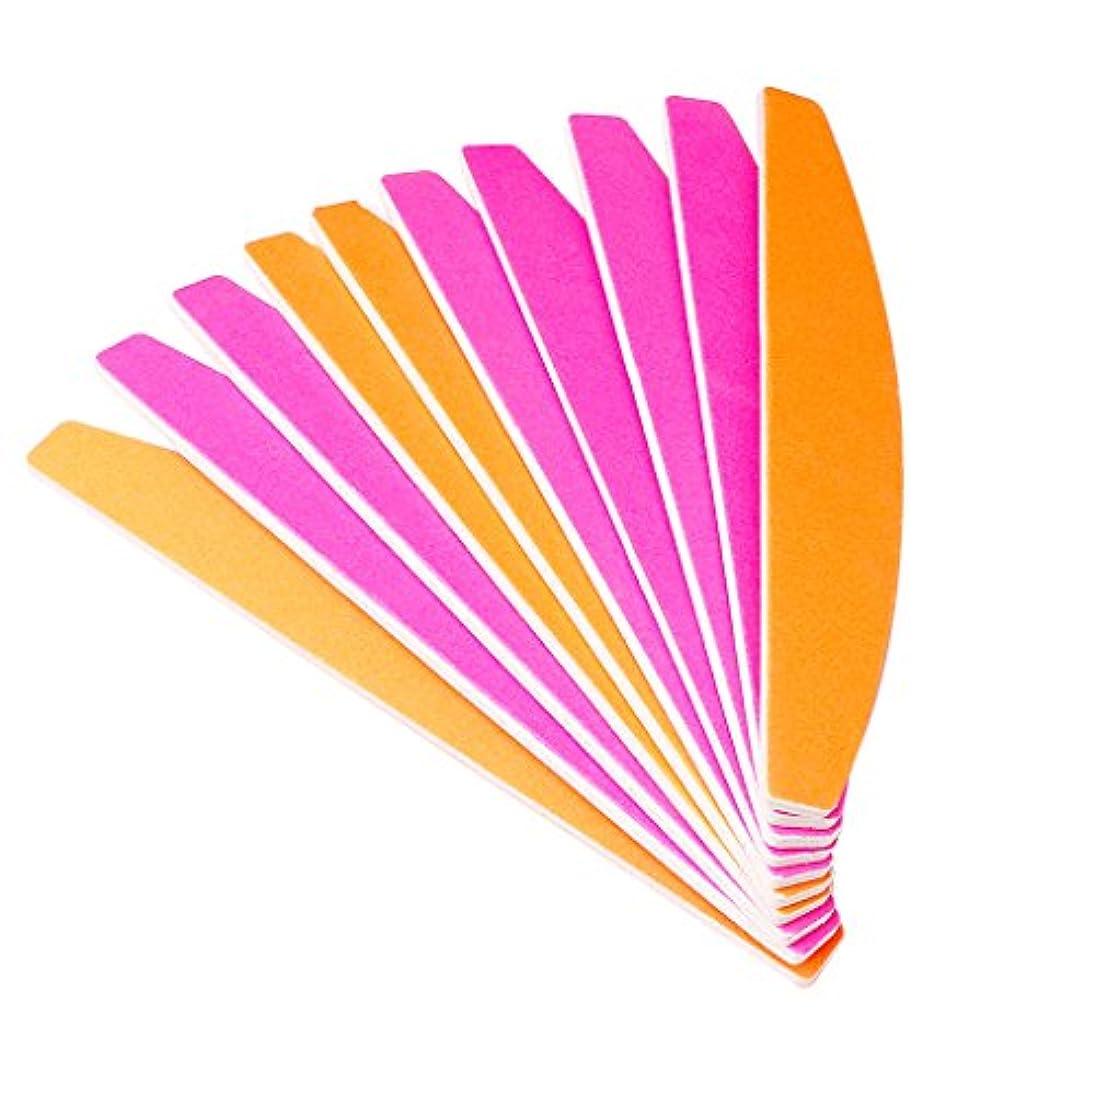 ジャッキーハーフムーン型蛍光砂バー(変色)ポータブルネイルアートサンディングファイルバッファーブロックマニキュアのヒントUVジェルポリッシャーツール